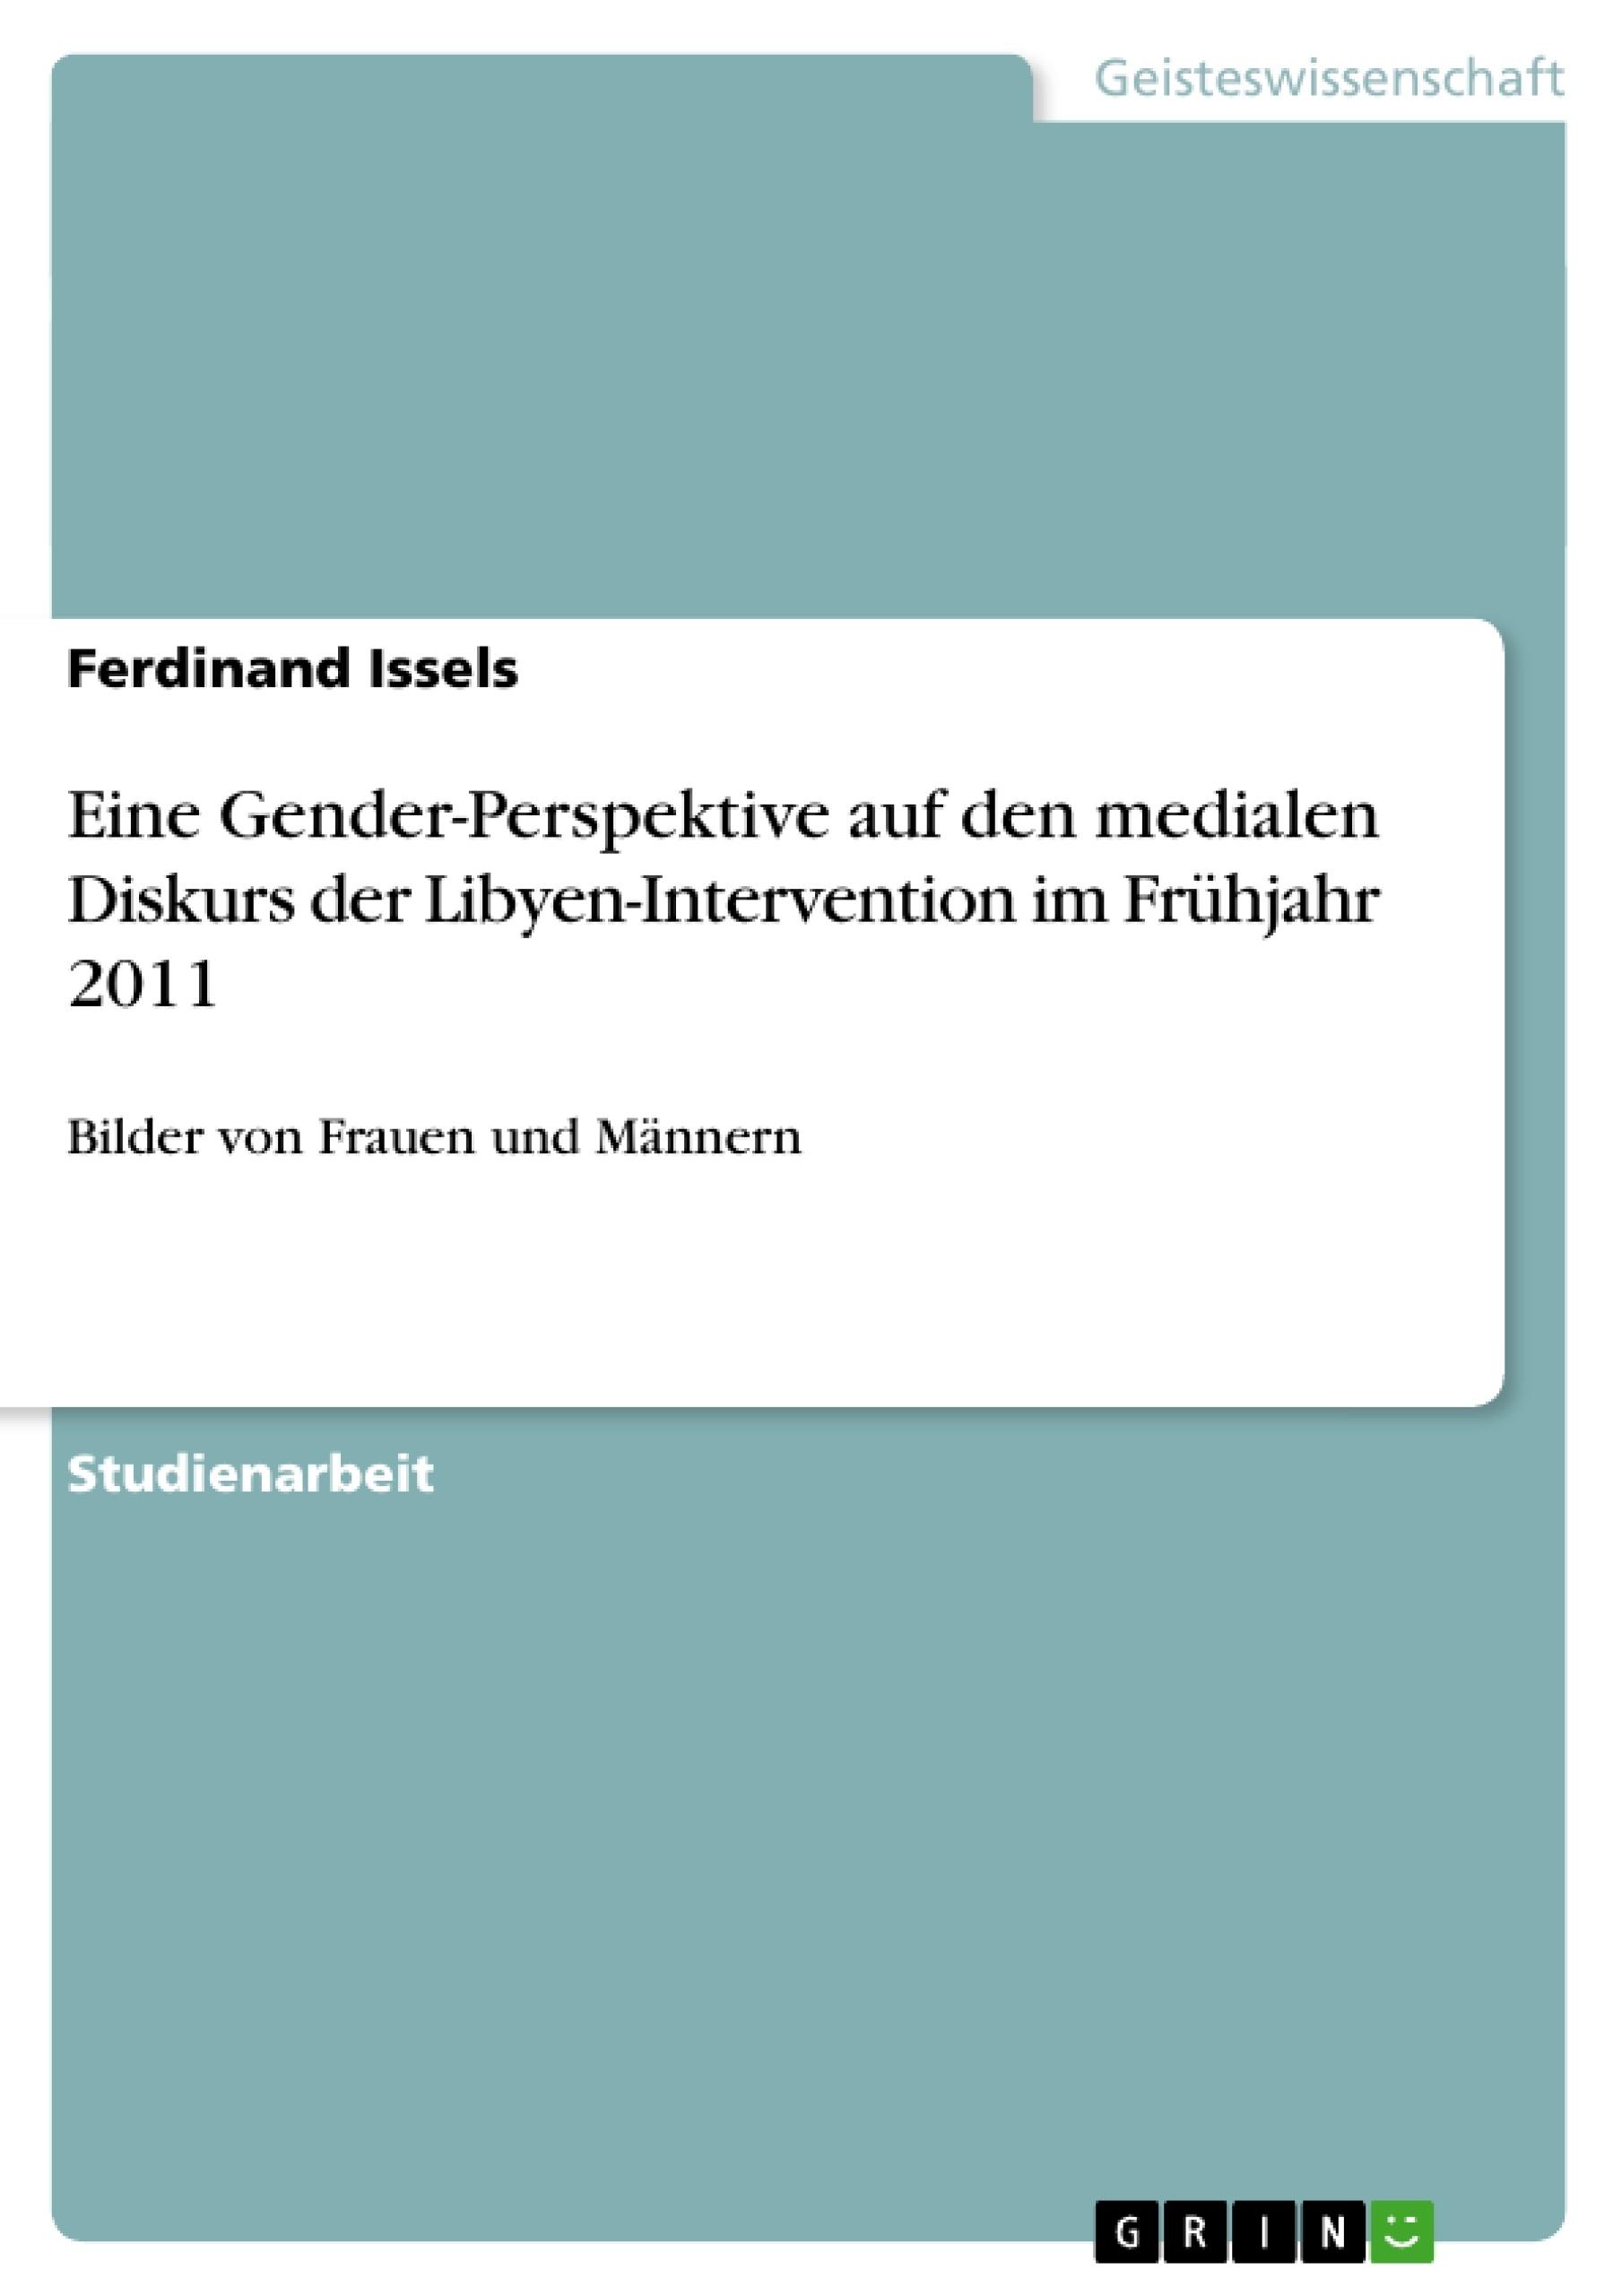 Titel: Eine Gender-Perspektive auf den medialen Diskurs der Libyen-Intervention im Frühjahr 2011